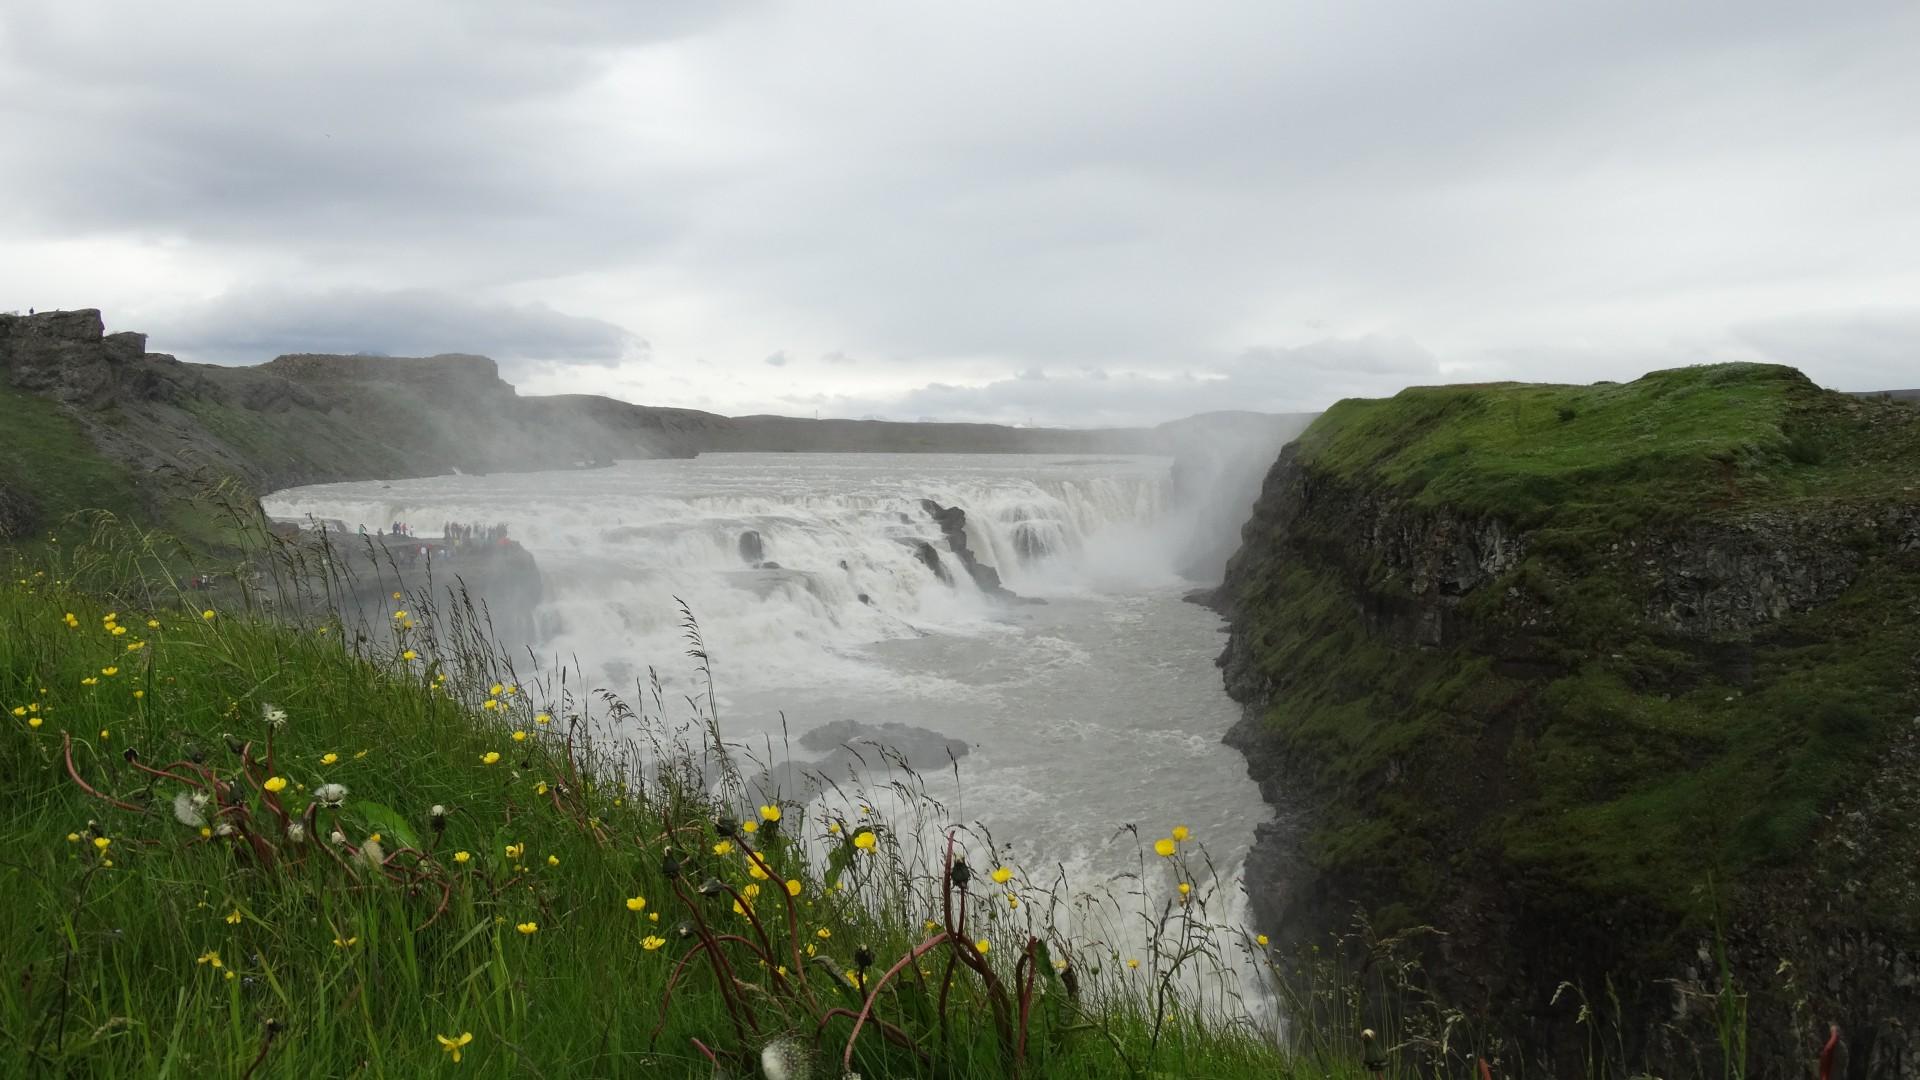 Der goldene Wasserfall Gullfoss